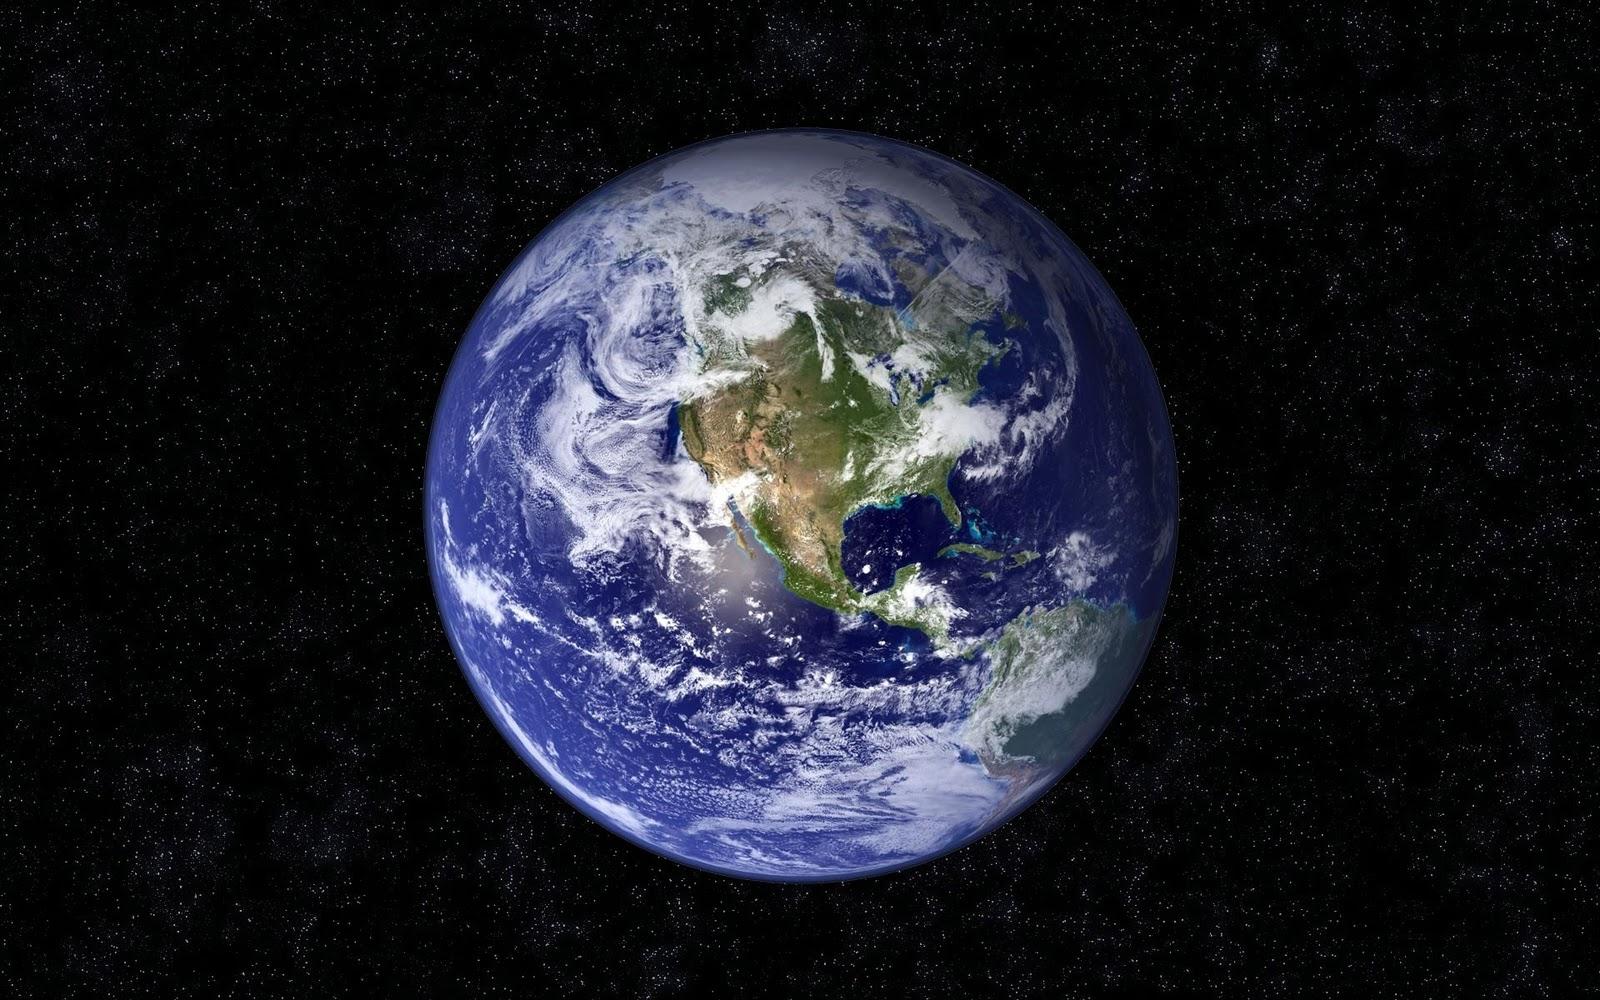 http://3.bp.blogspot.com/-wxO-79FB7WU/UAn0Oj3eUBI/AAAAAAAAACk/KtpGJZEq4DM/s1600/earth.jpg